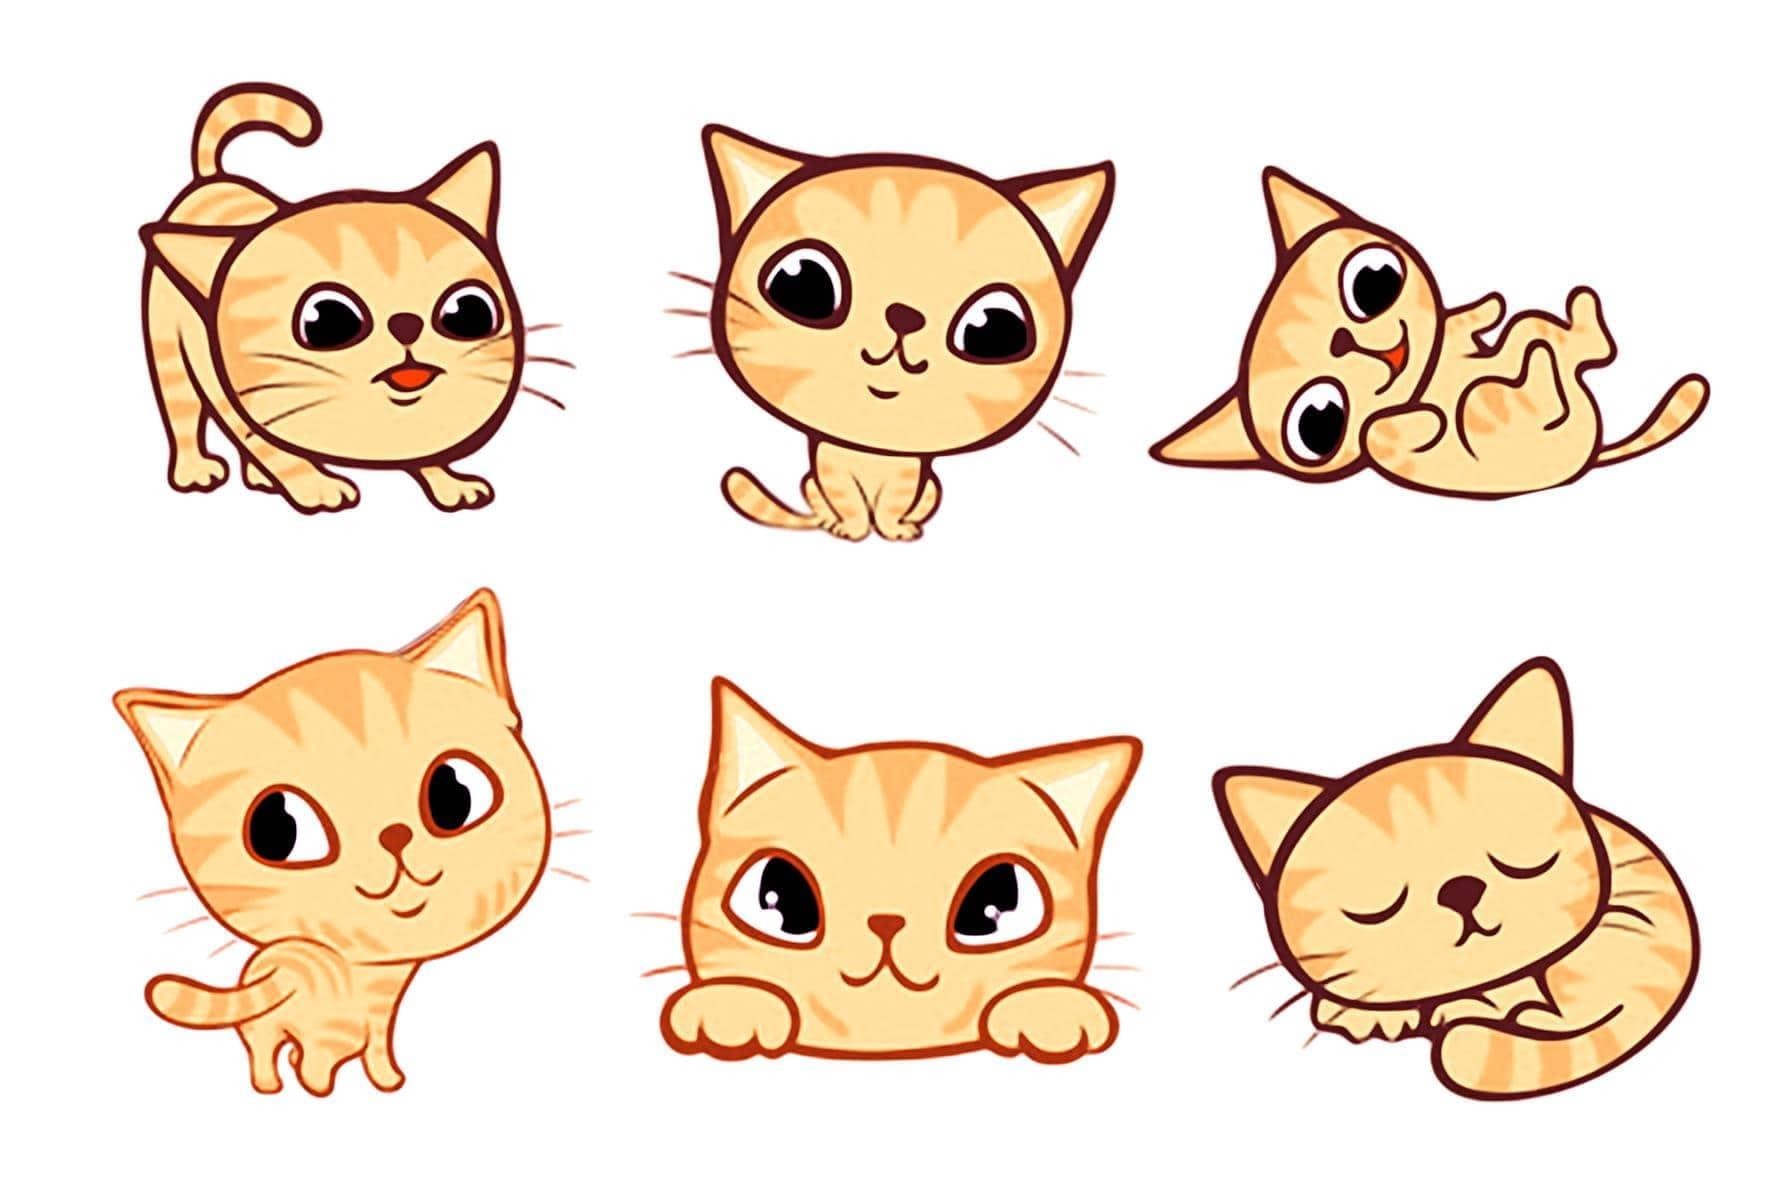 все картинки нарисованых котят большую популярность